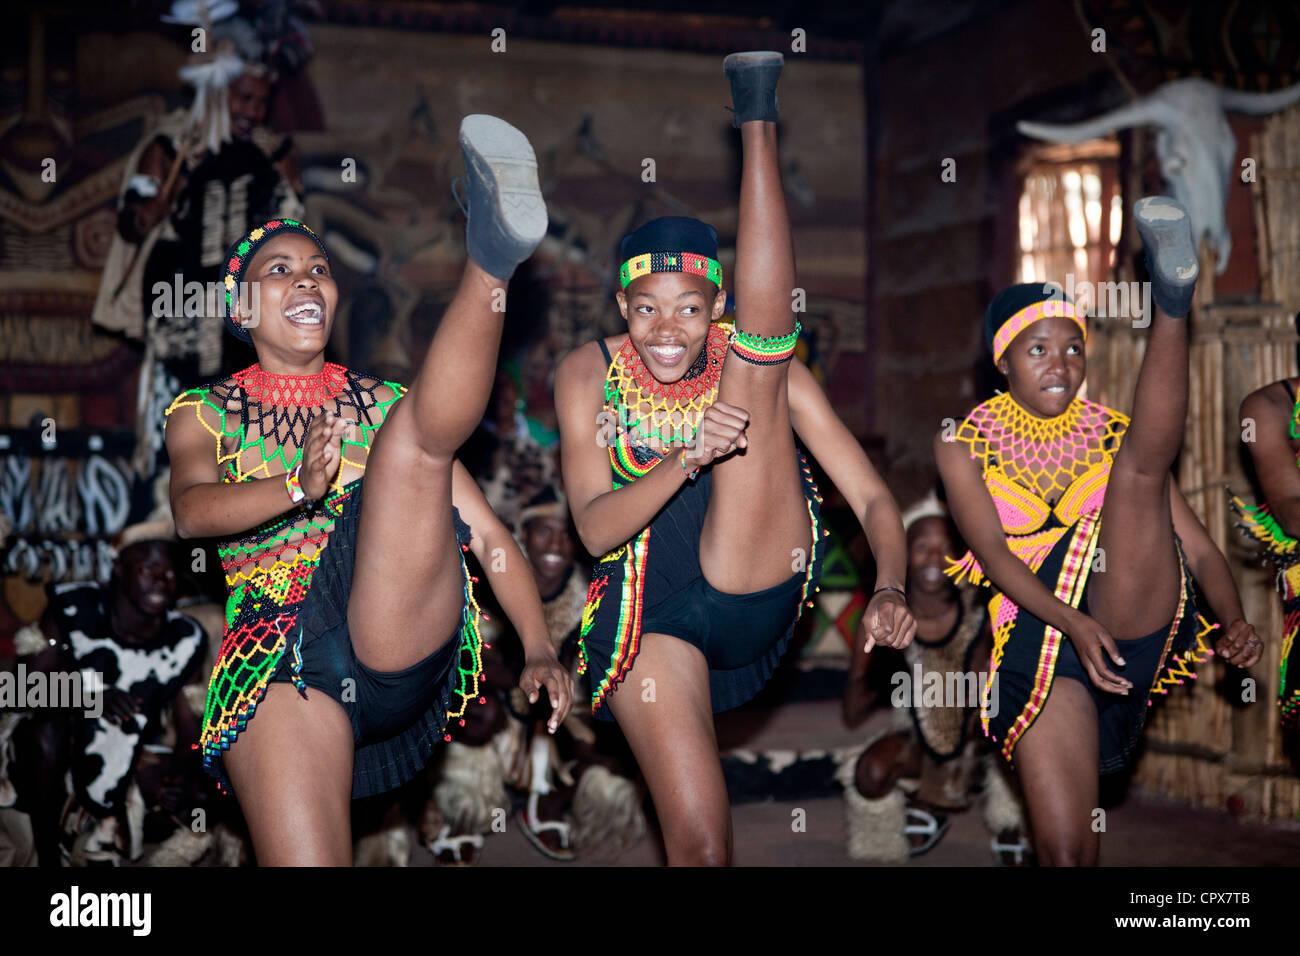 Tres mujeres africanas tradicionales bailes bailarines Imagen De Stock